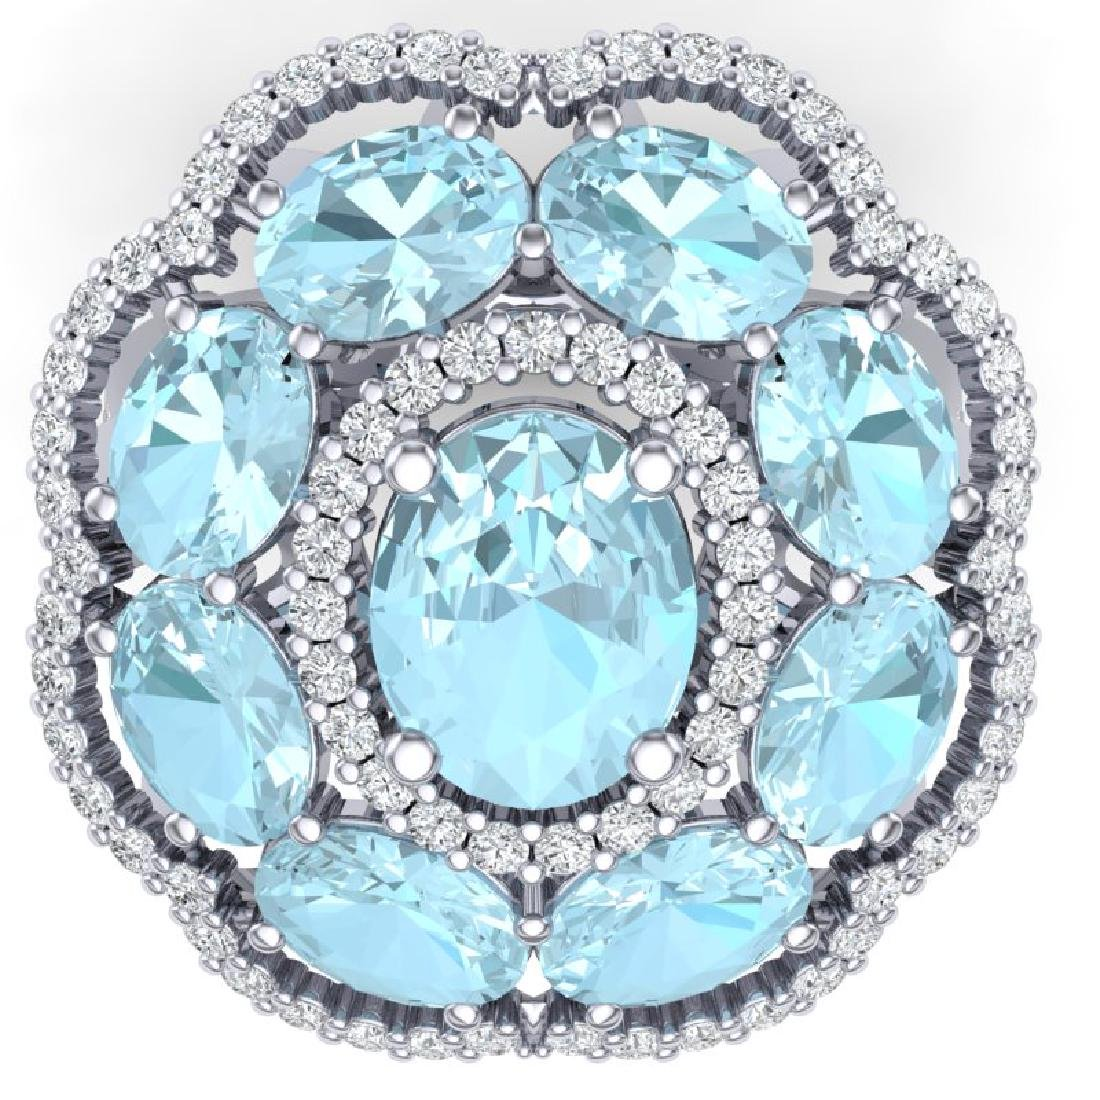 14.89 CTW Royalty Sky Topaz & VS Diamond Ring 18K White - 2